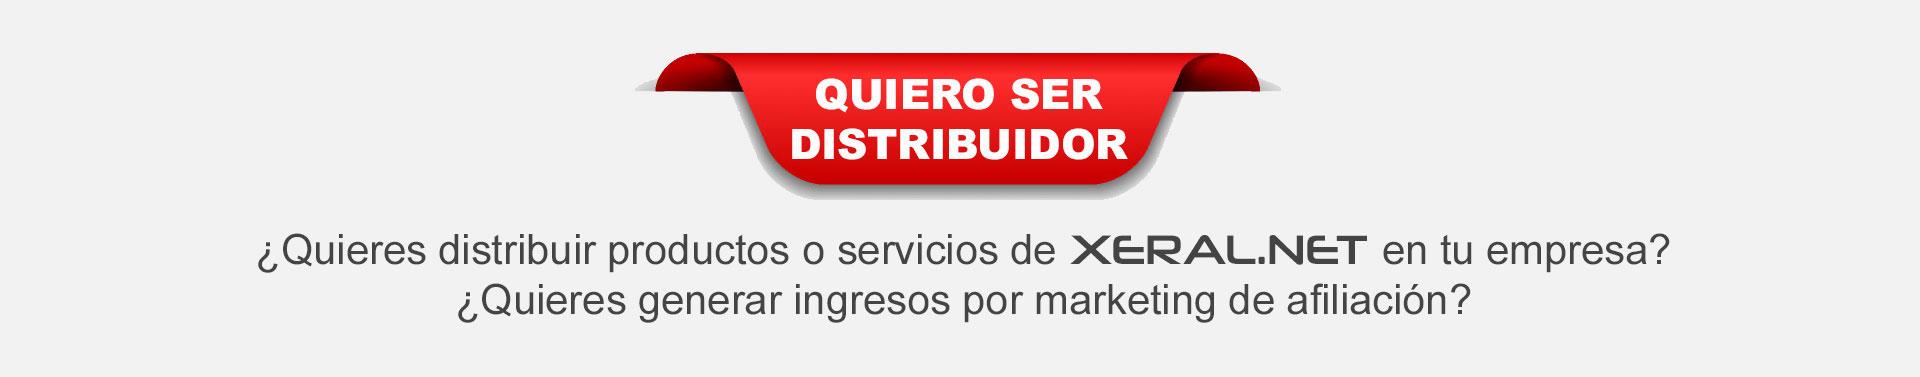 quiero-ser-distribuidor-call-to-action-2